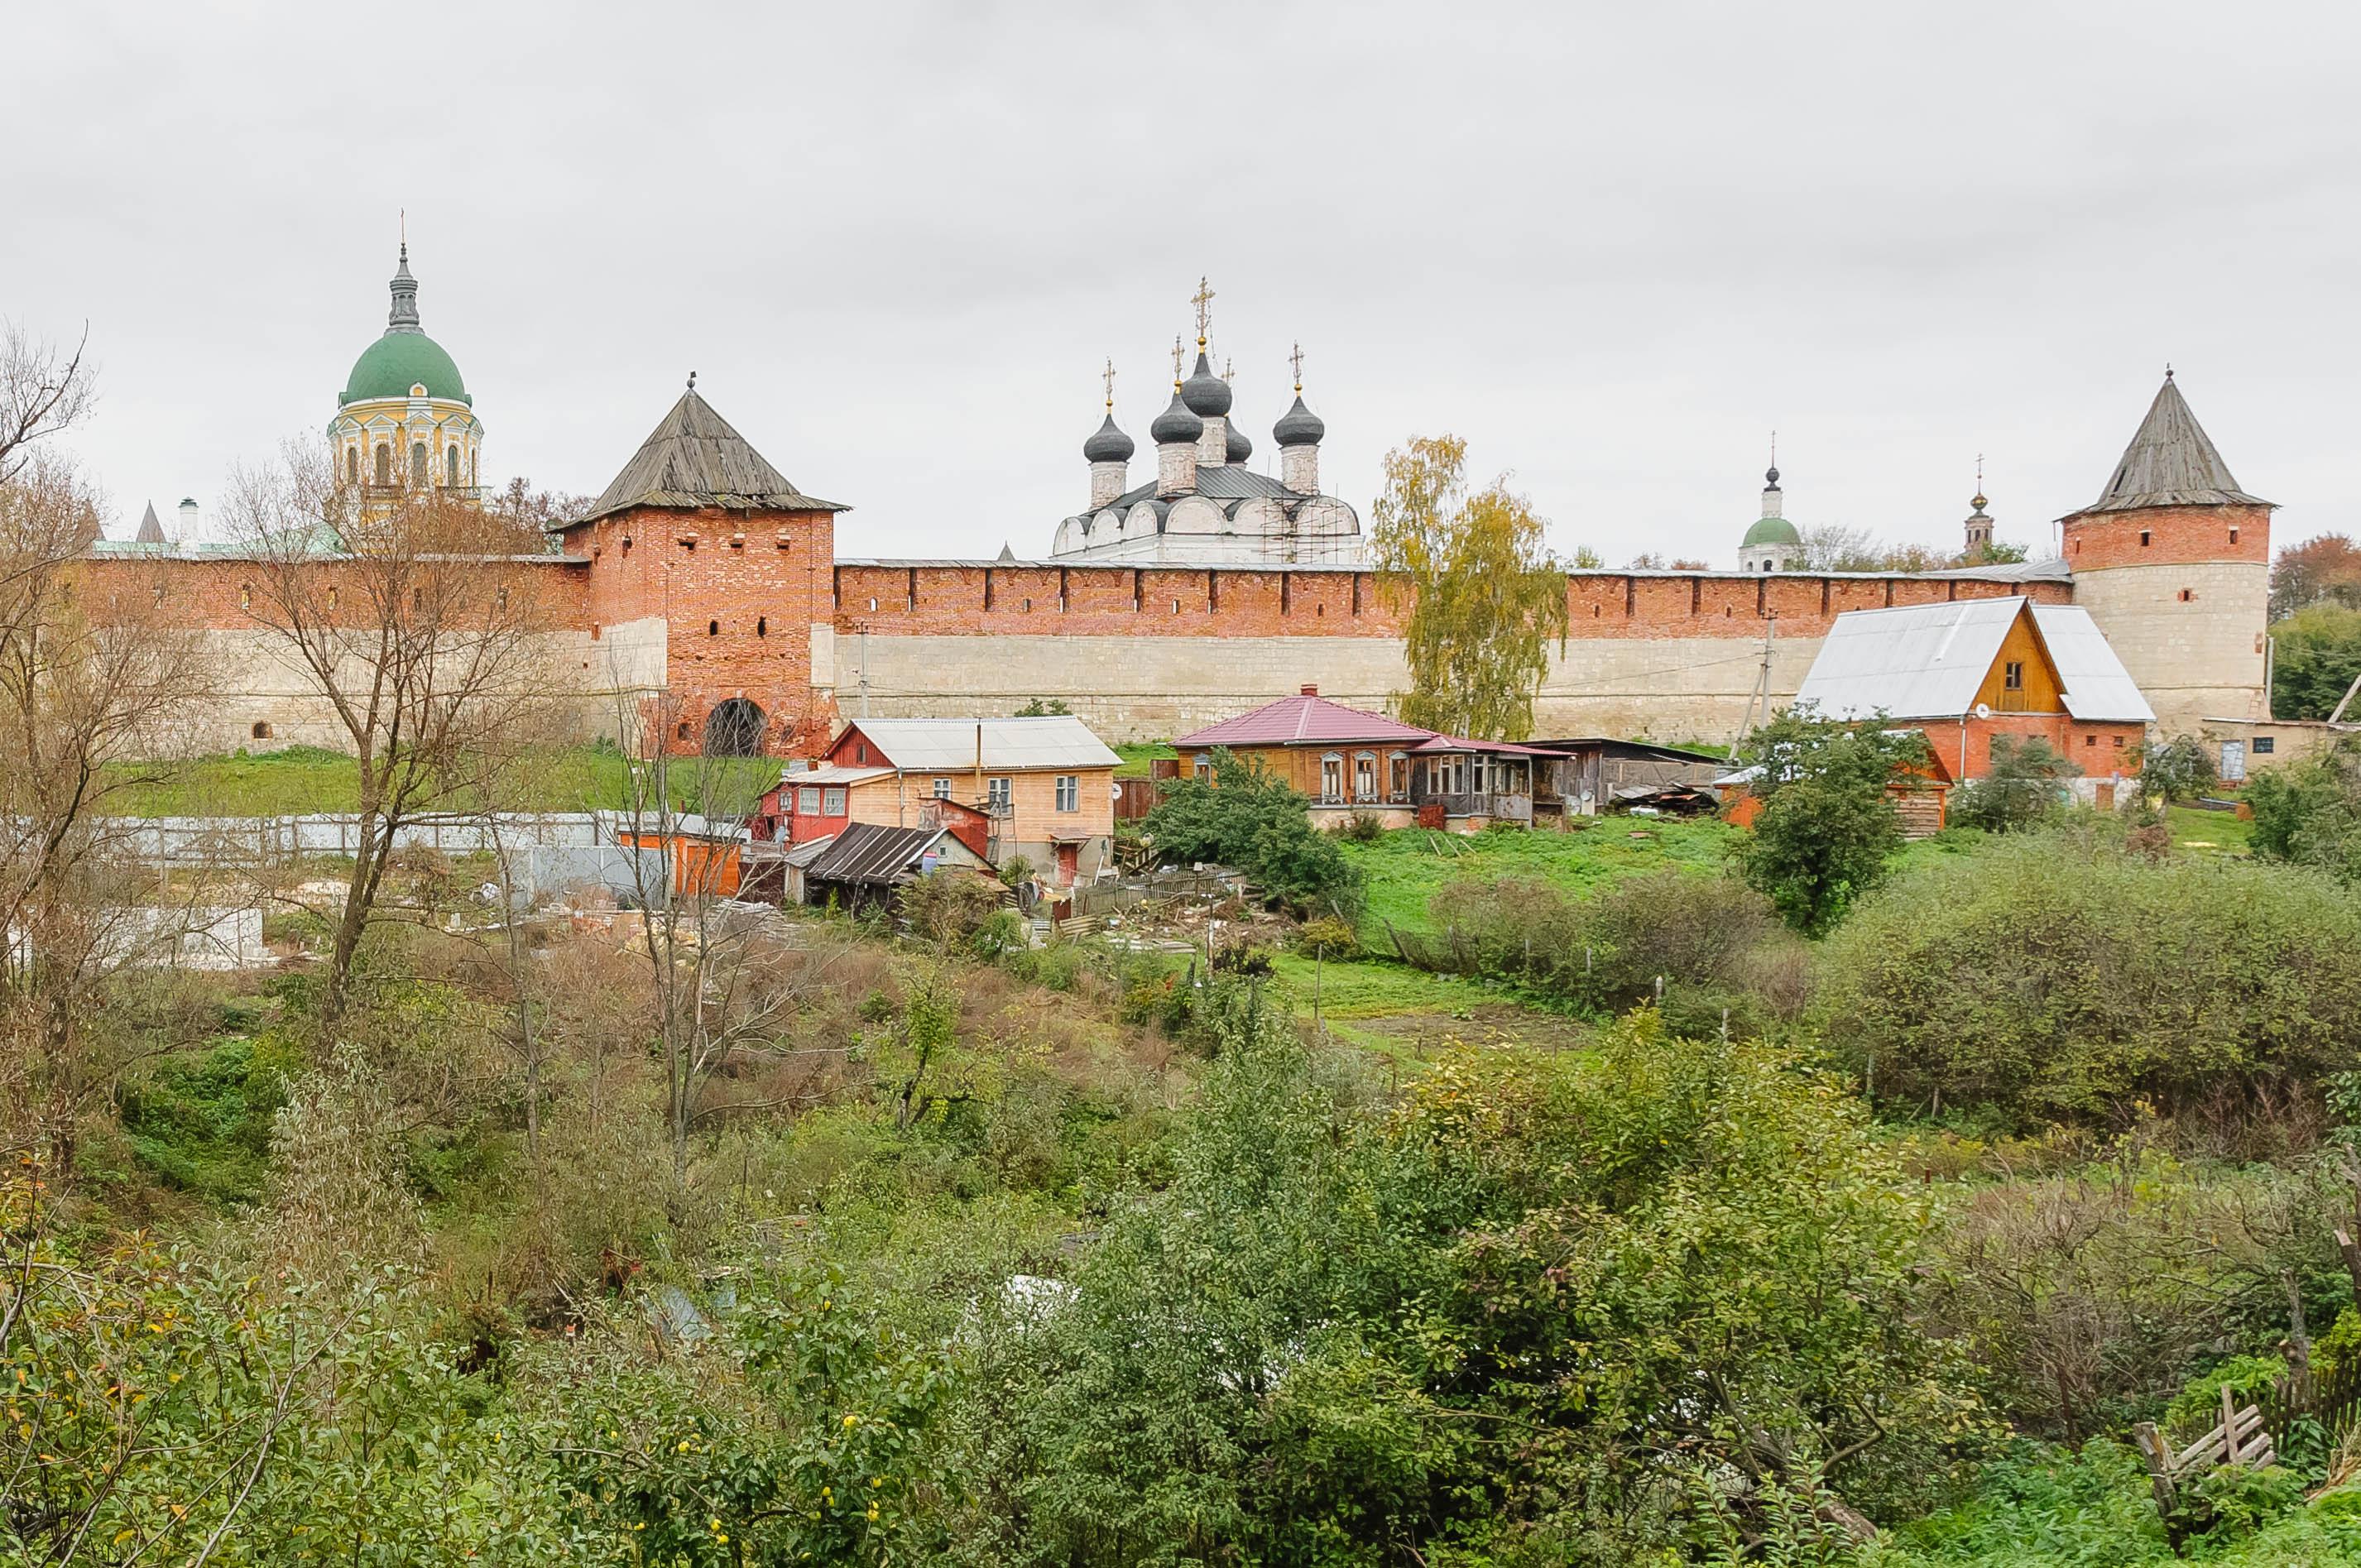 Фото достопримечательностей города красногорска представители